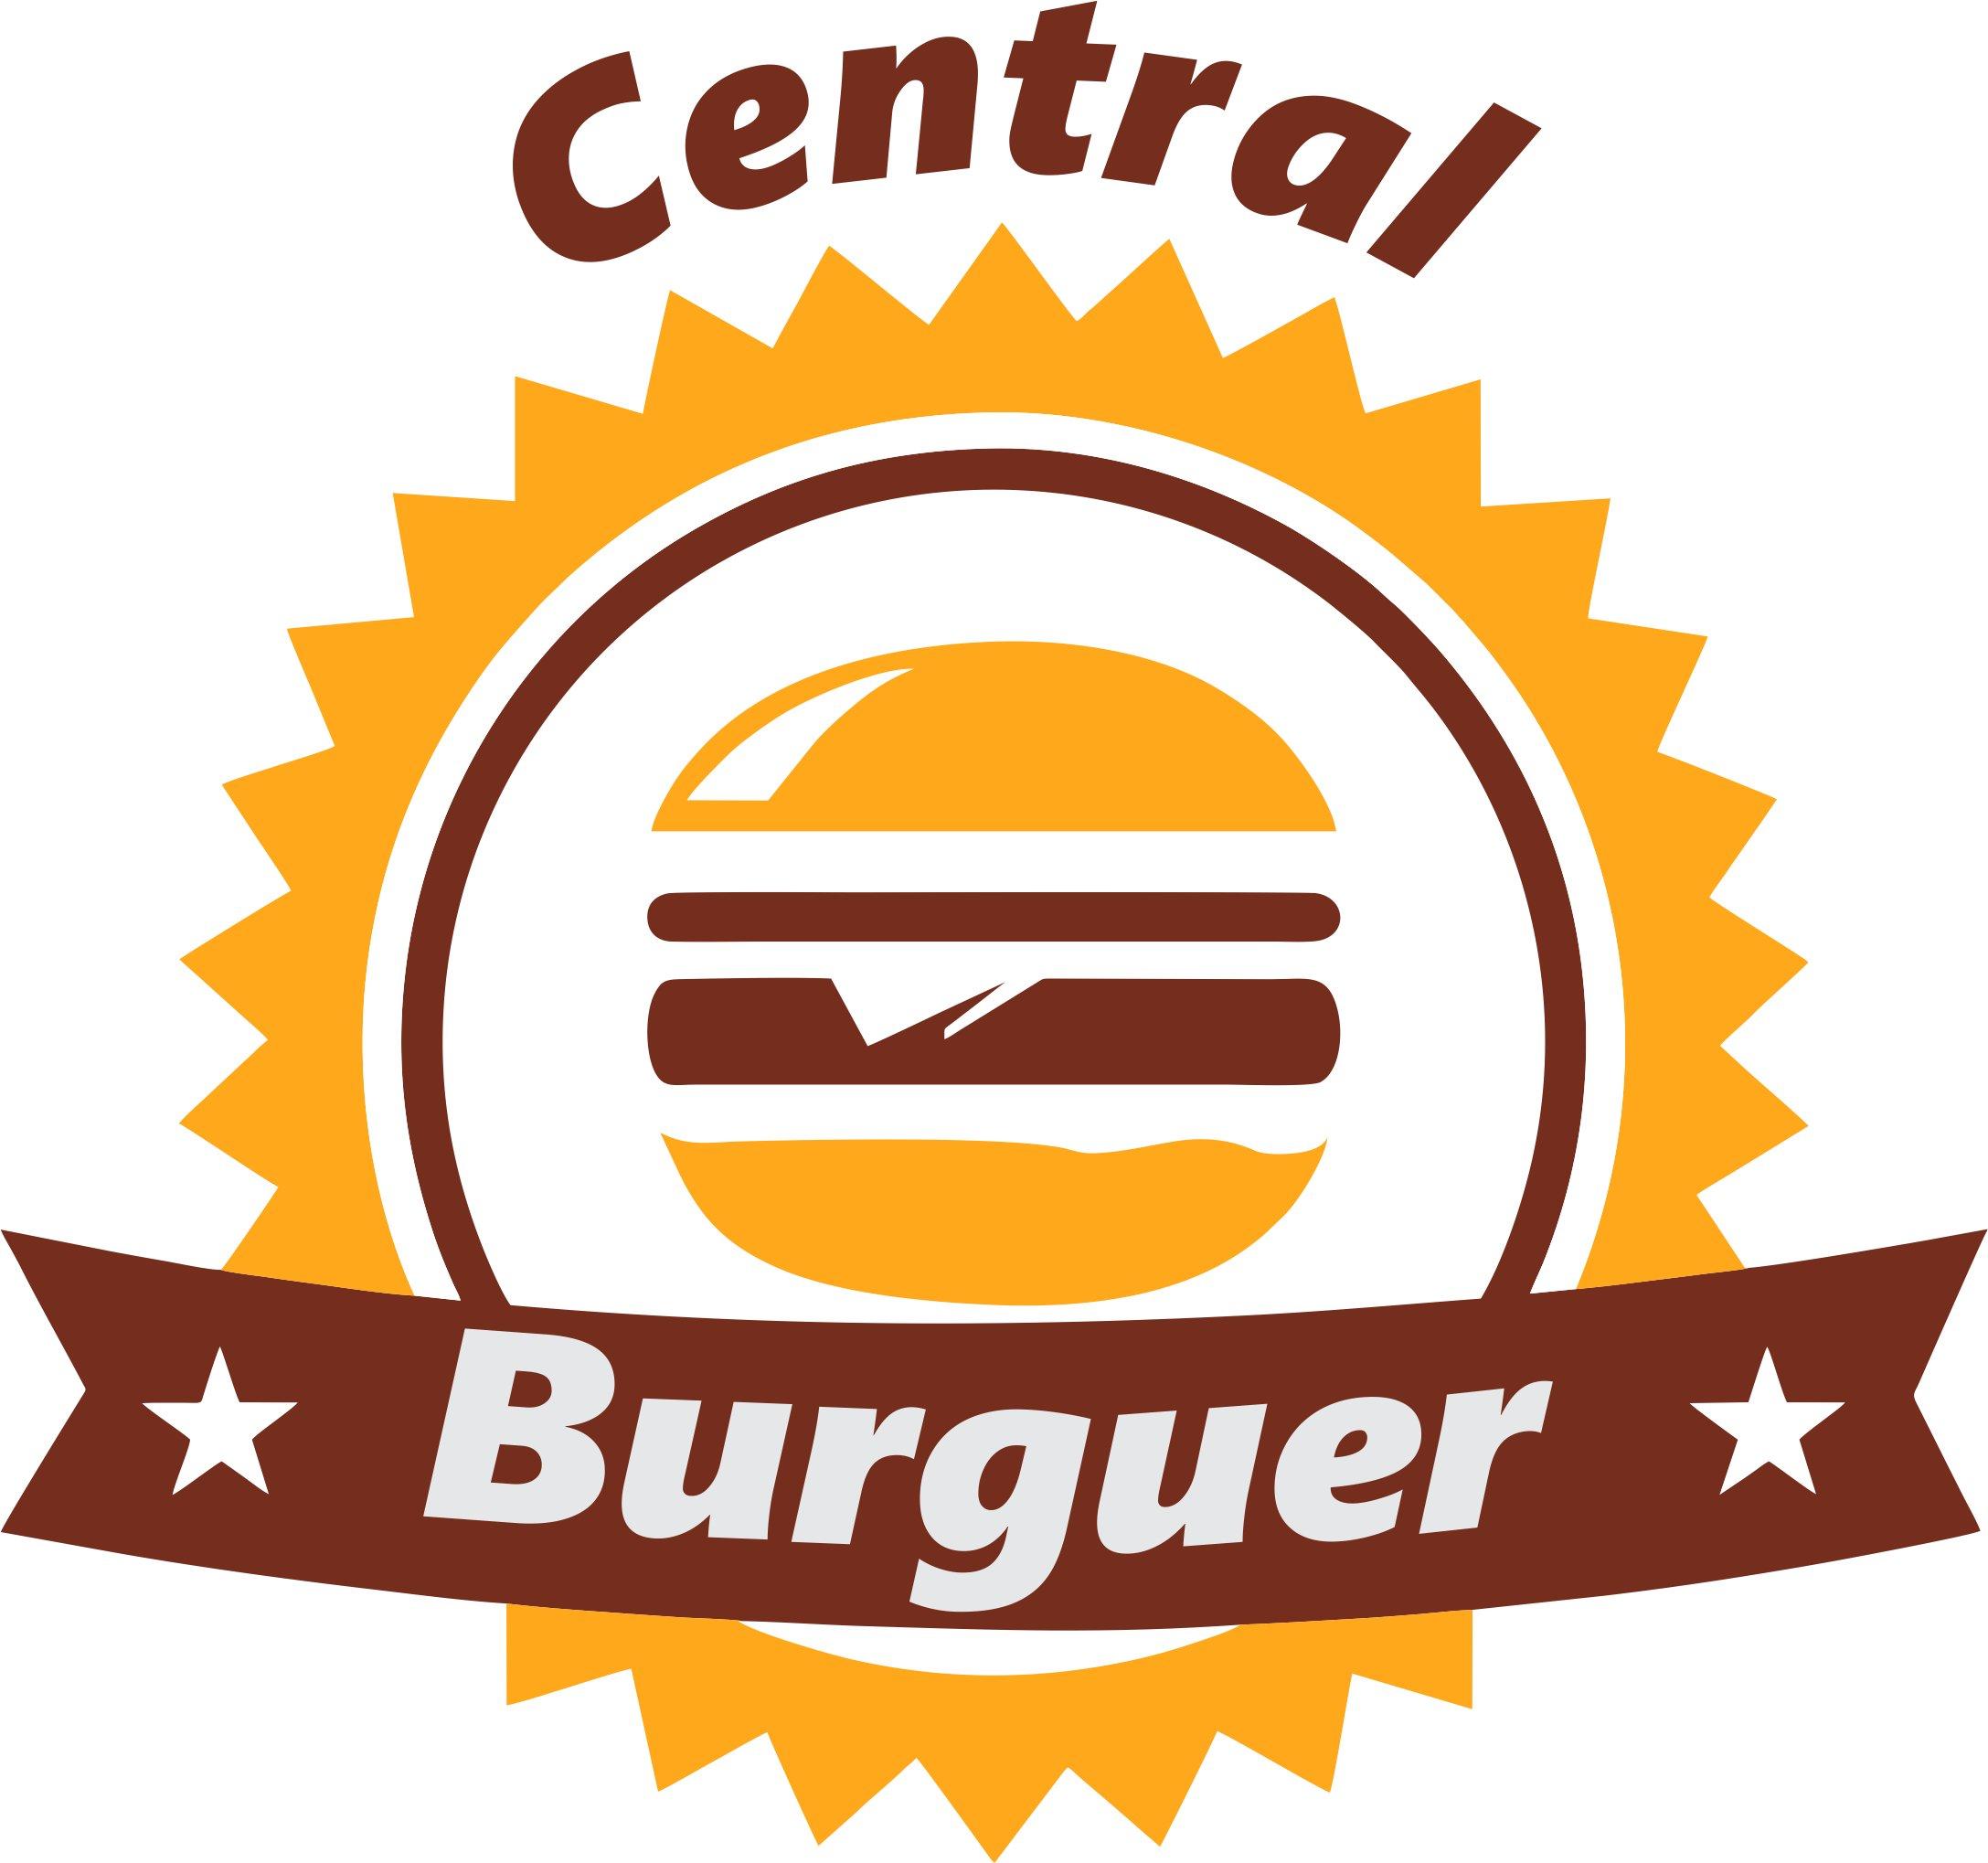 Central Burguer